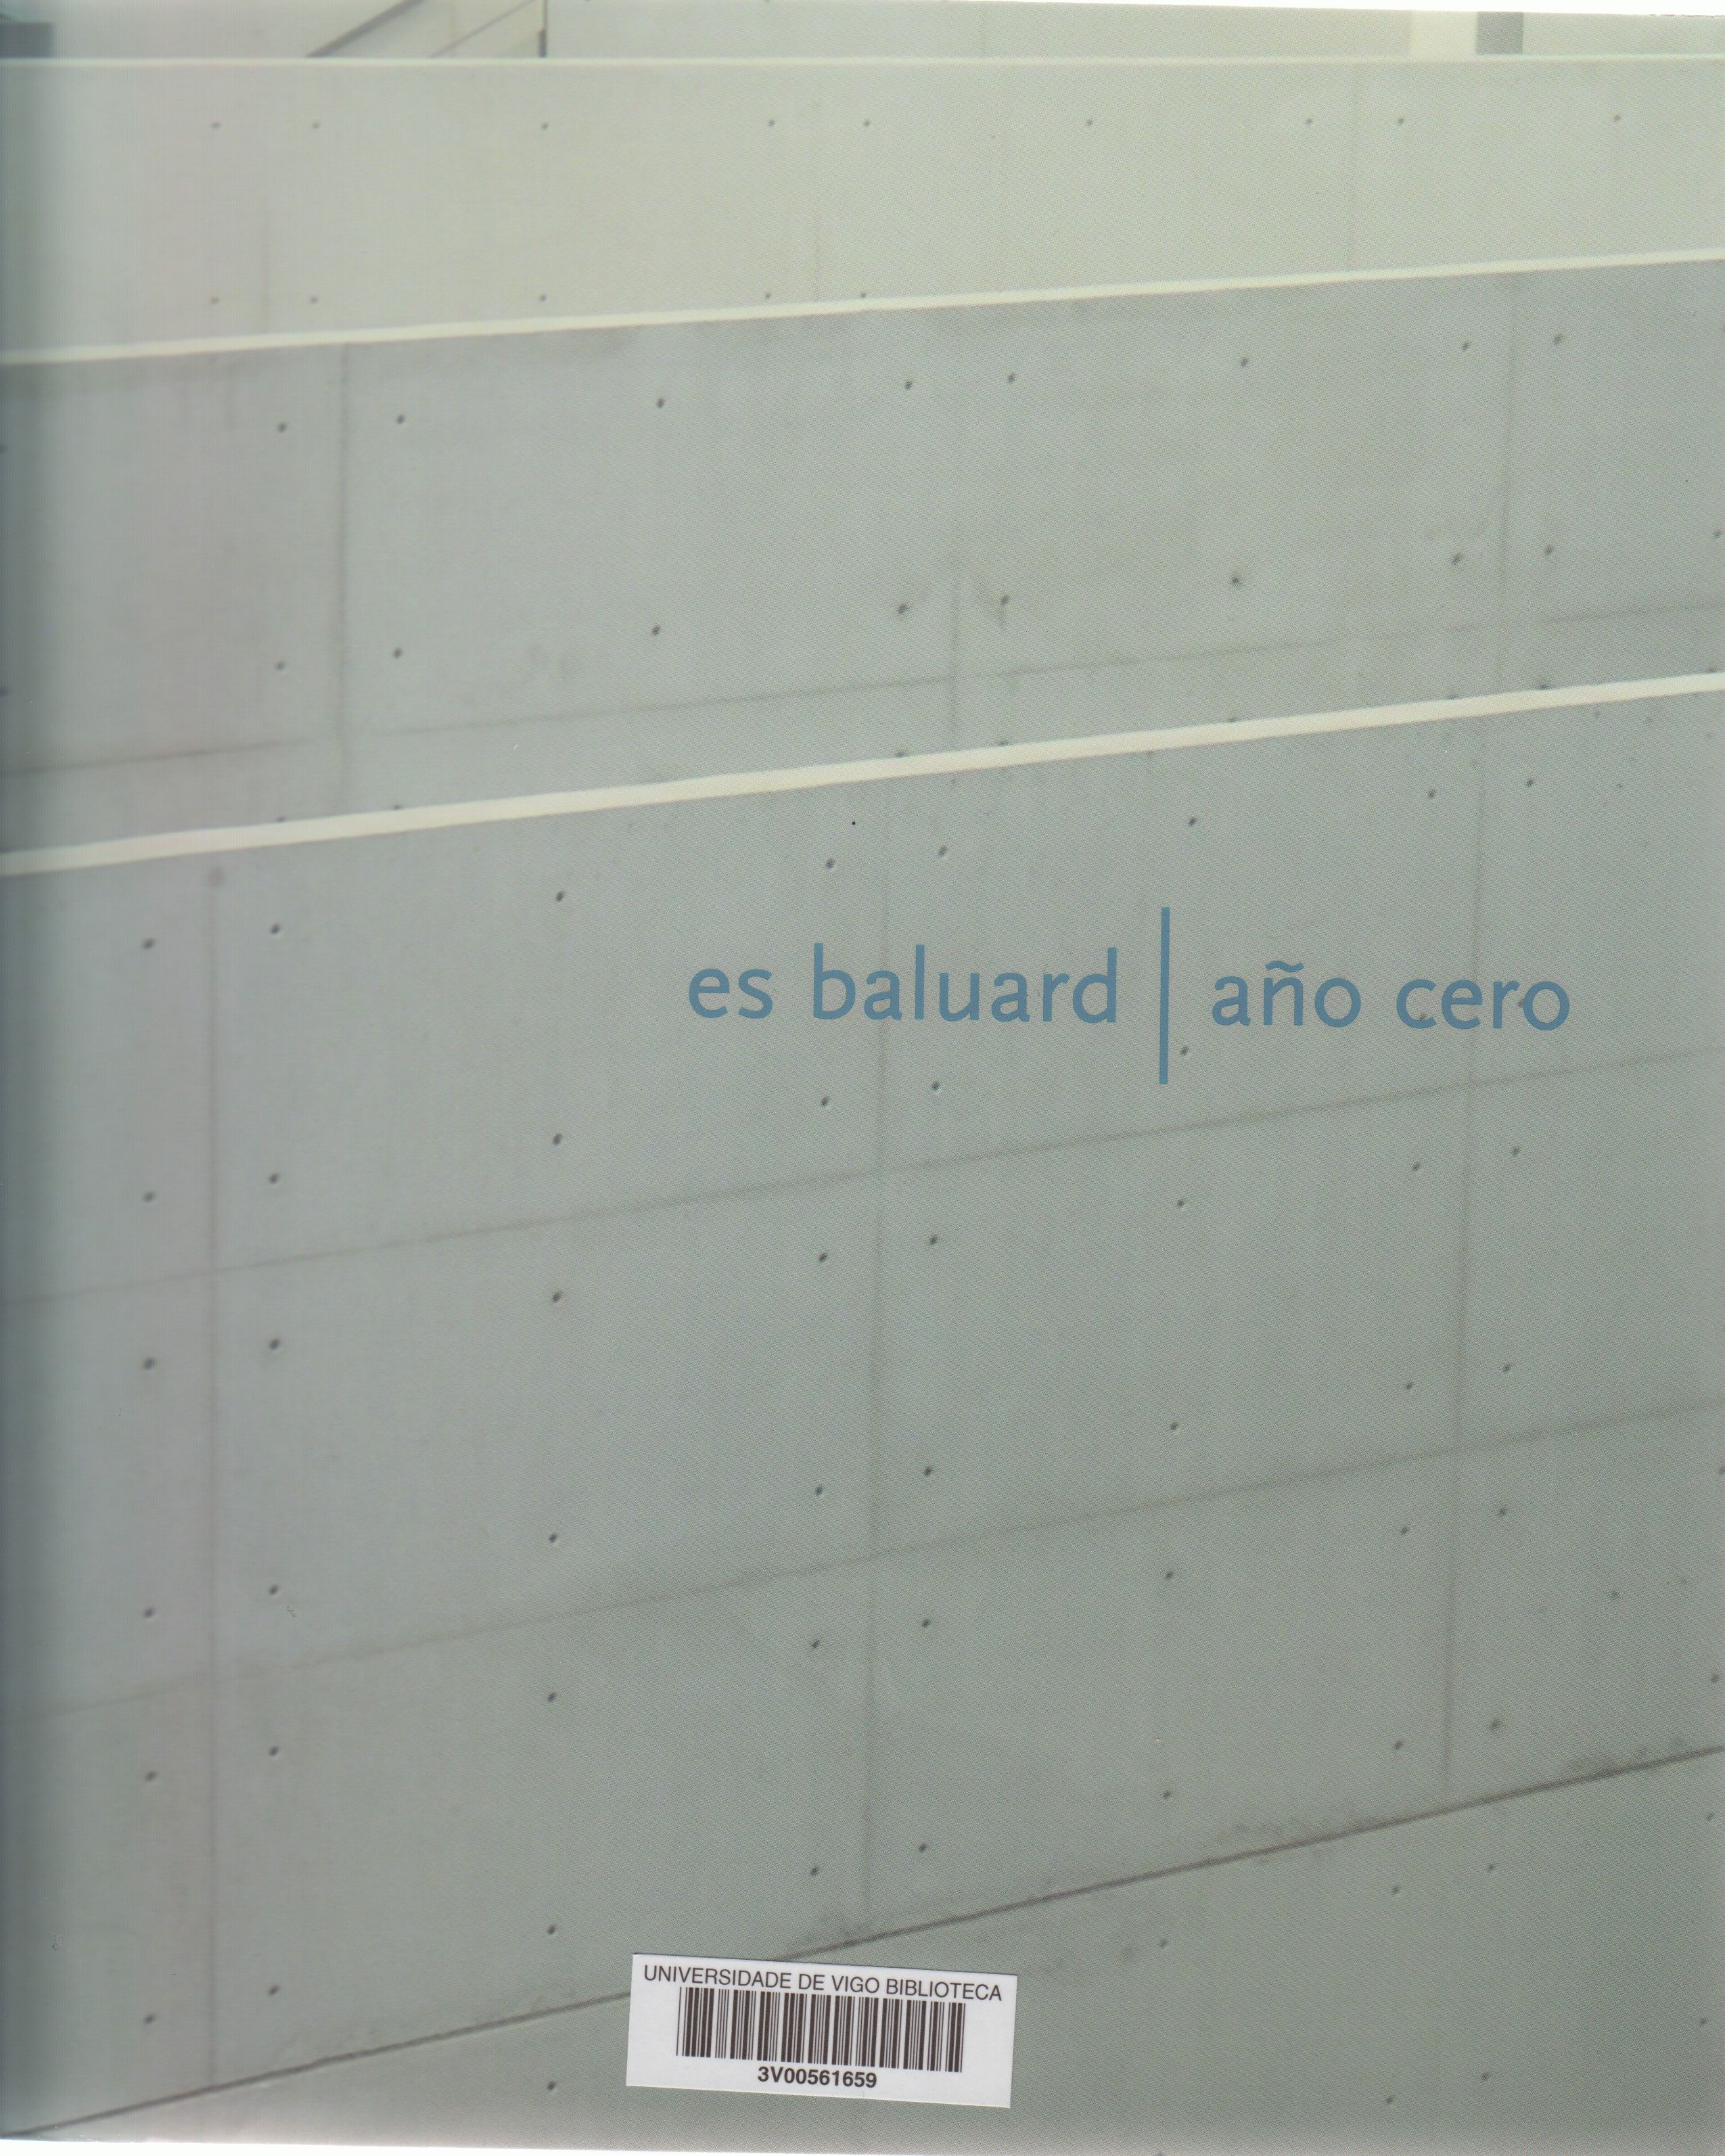 Es Baluard Año Cero Exposición Textos Maria Lluïsa Borràs Et Al Palma De Mallorca Fundació Es Baluard Museu D A Año Cero Textos Exposiciones